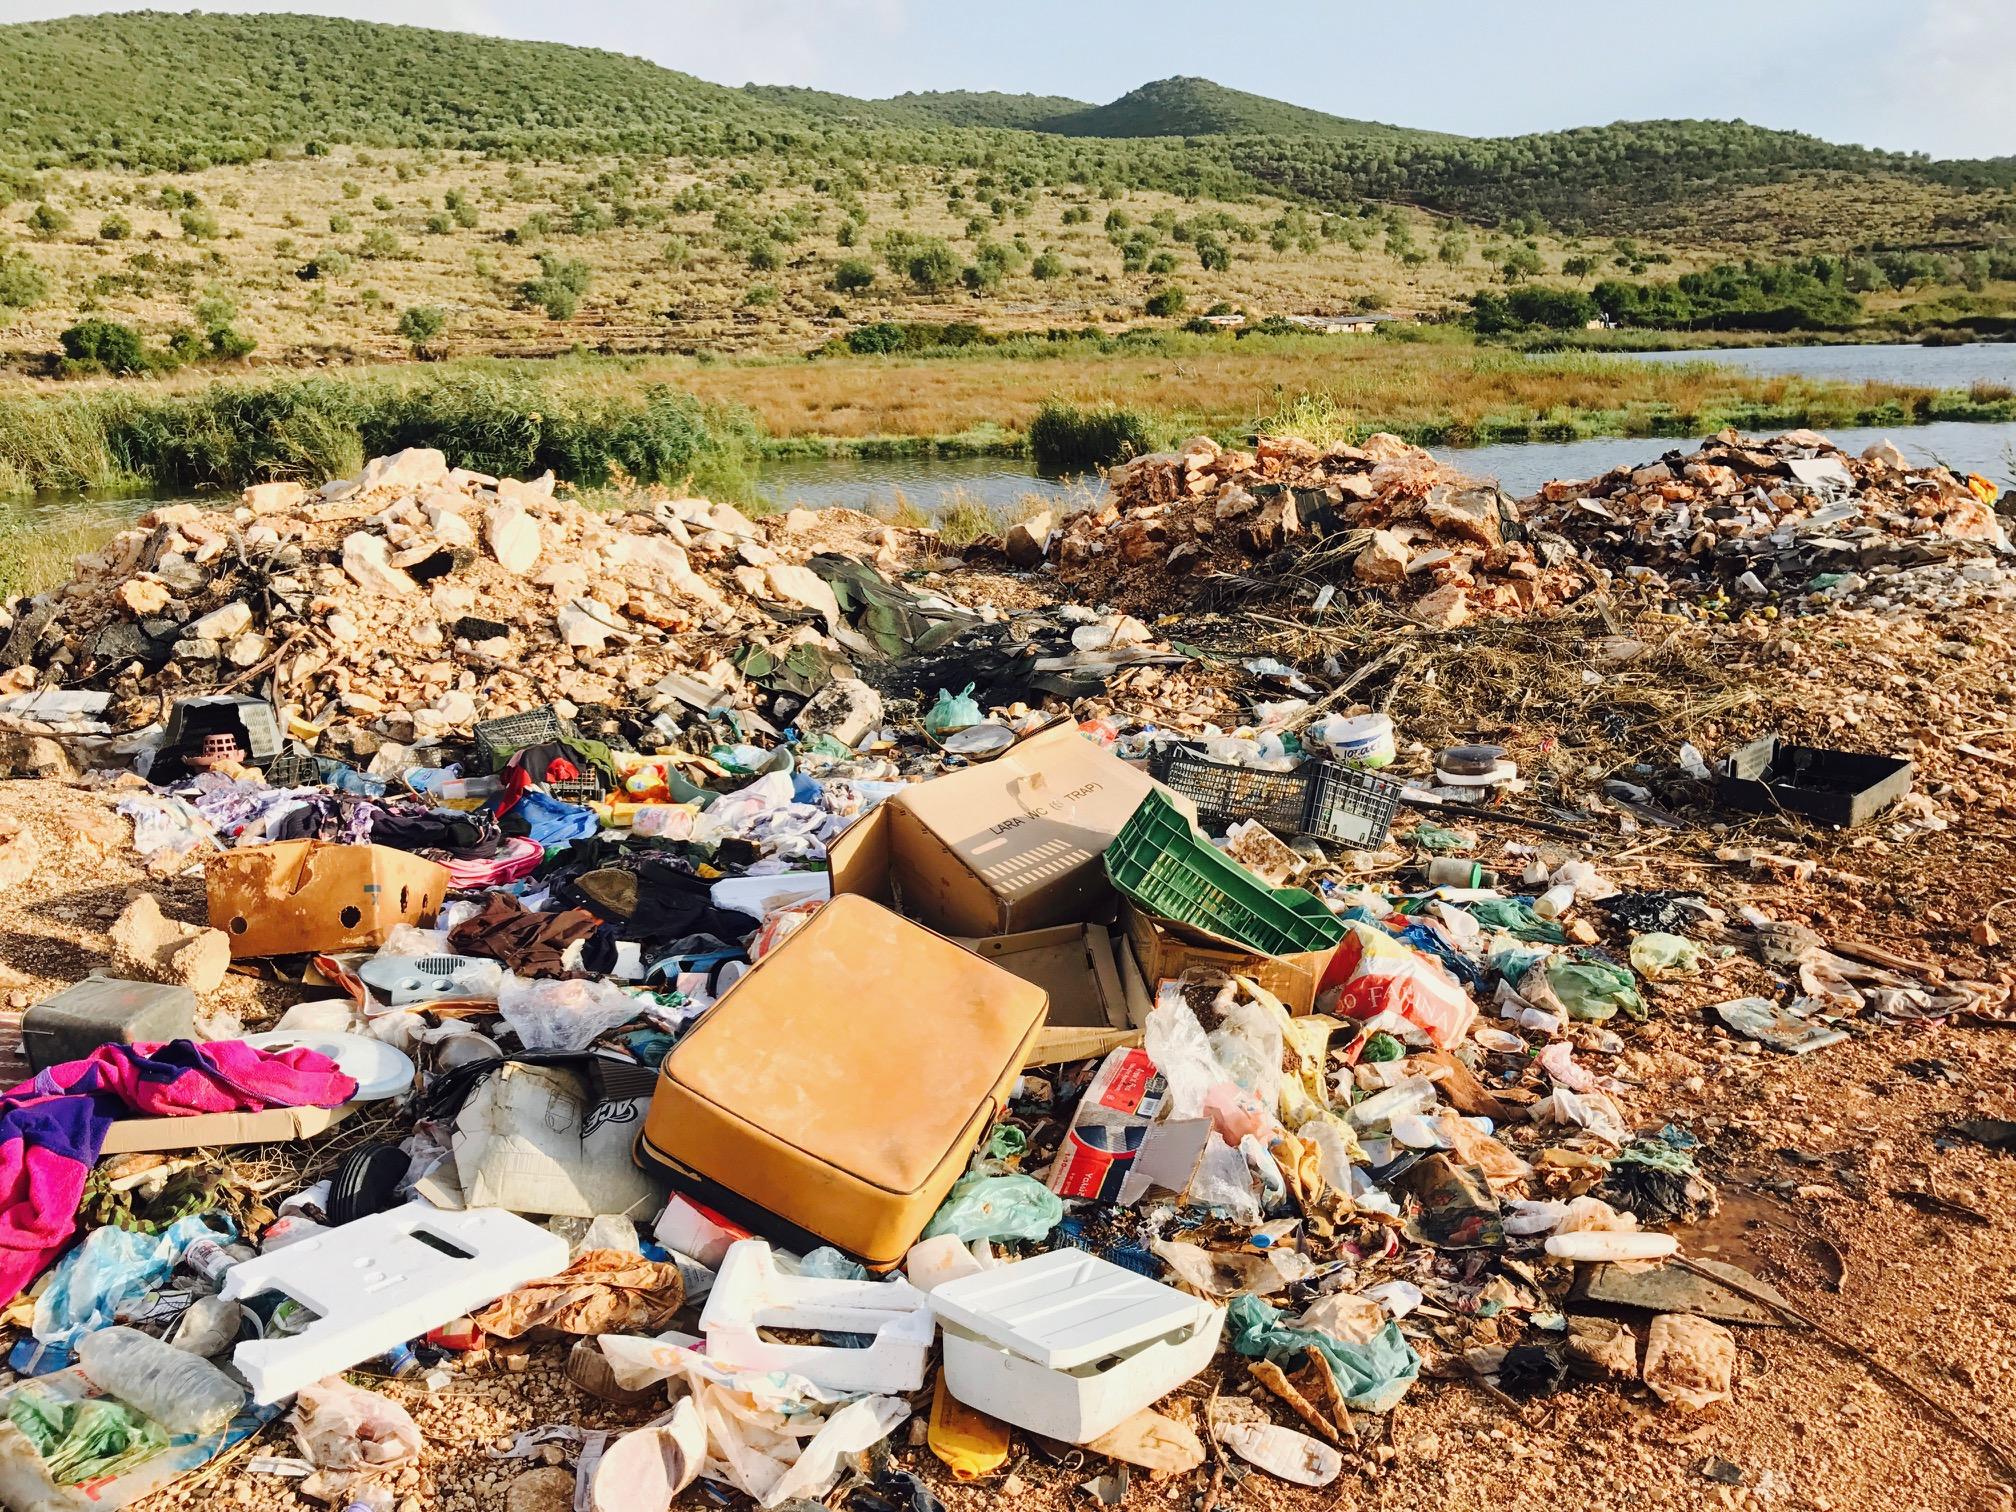 Blick auf eine Müllhalde mitten in der Natur, Ksamil